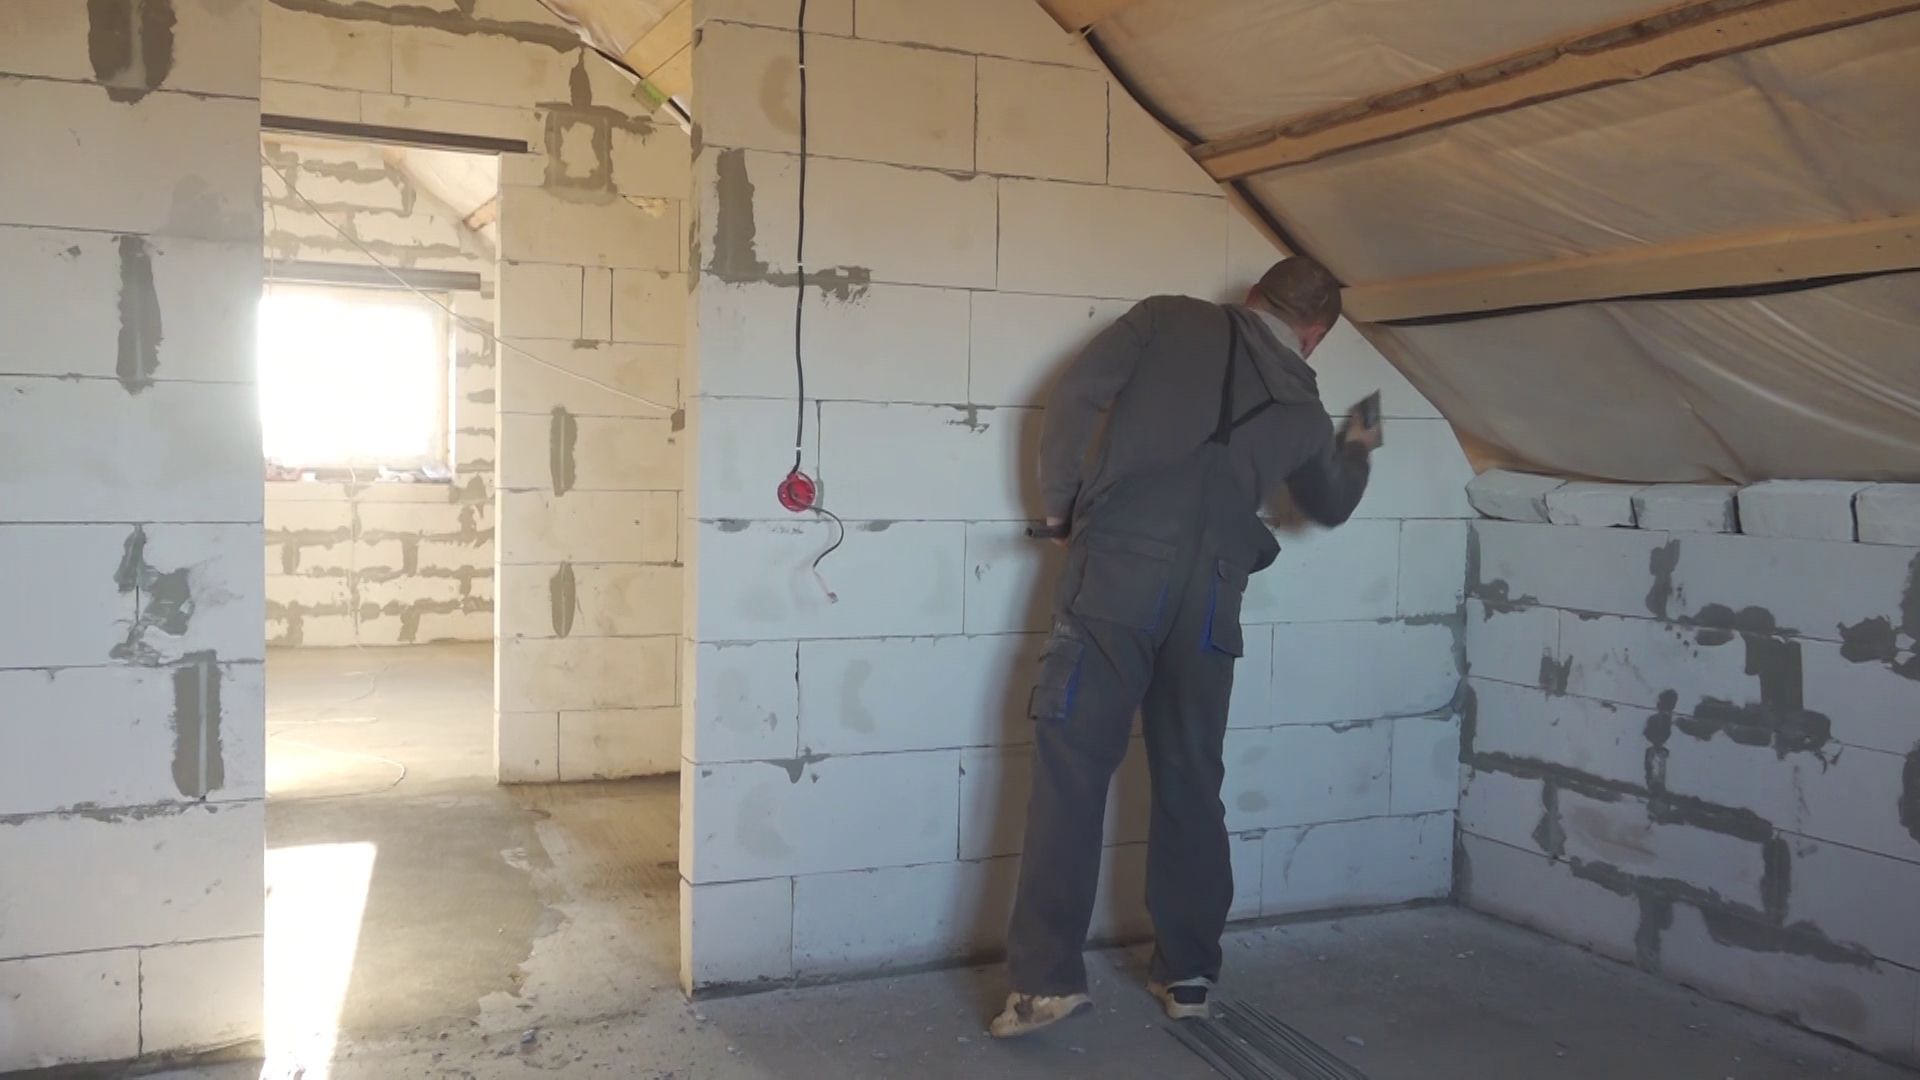 Украли систему теплоснабжения: многодетная семья вынуждена переехать в неотапливаемый дом